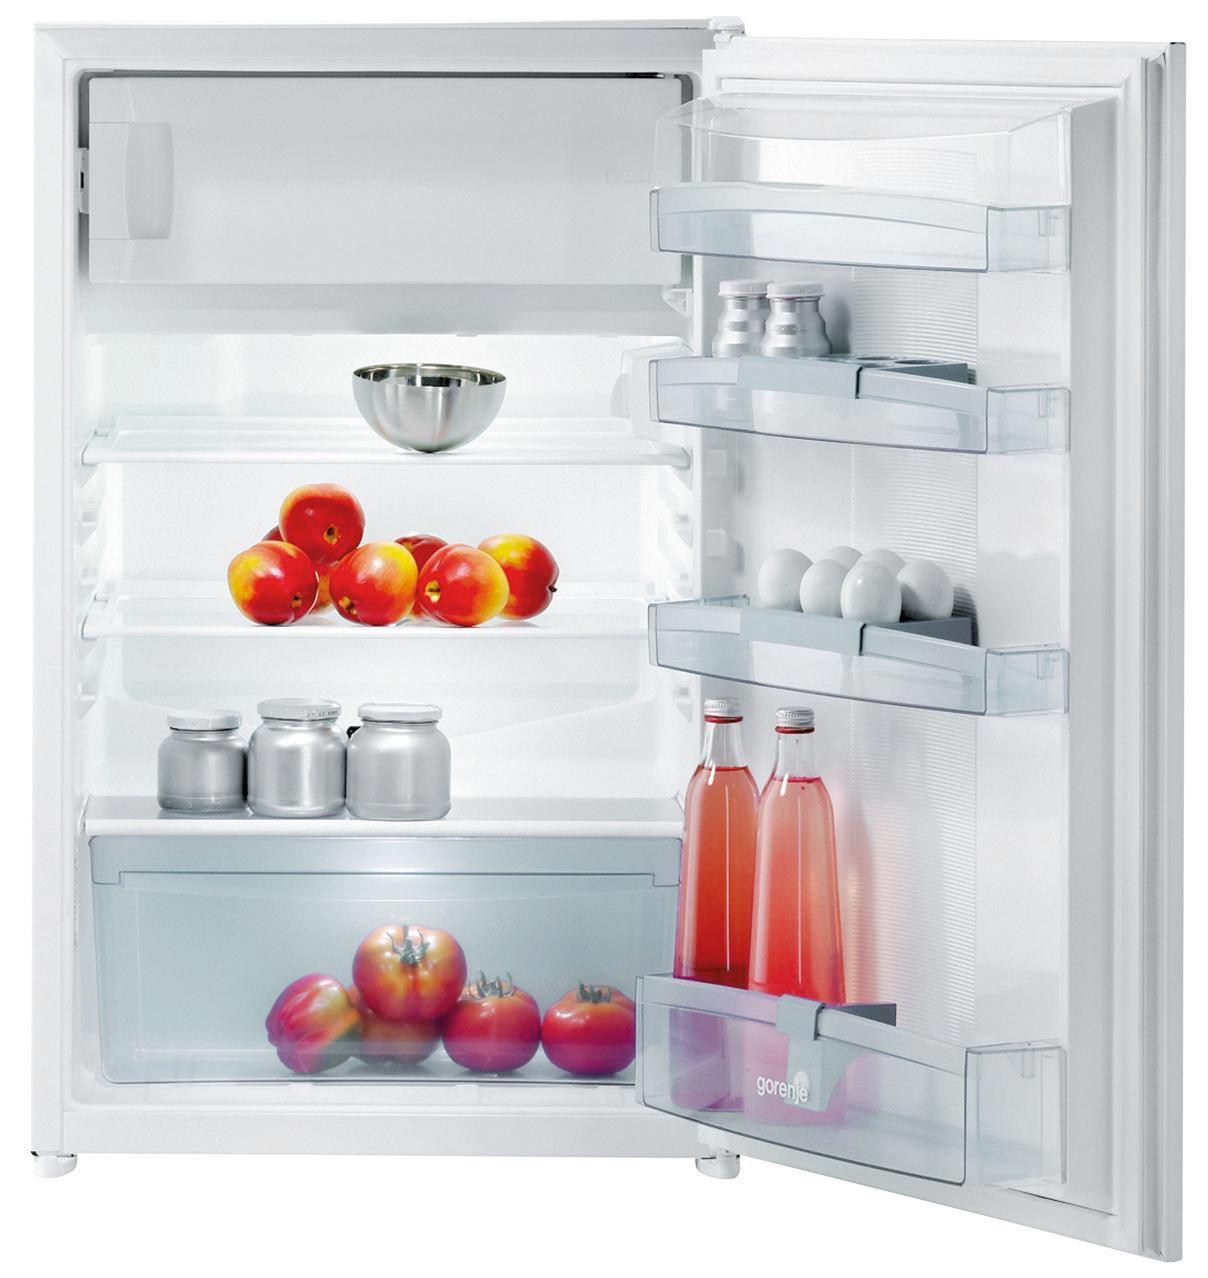 Retro Kühlschrank Schneider : Gorenje kühlschrank rbi aw online kaufen ➤ möbelix